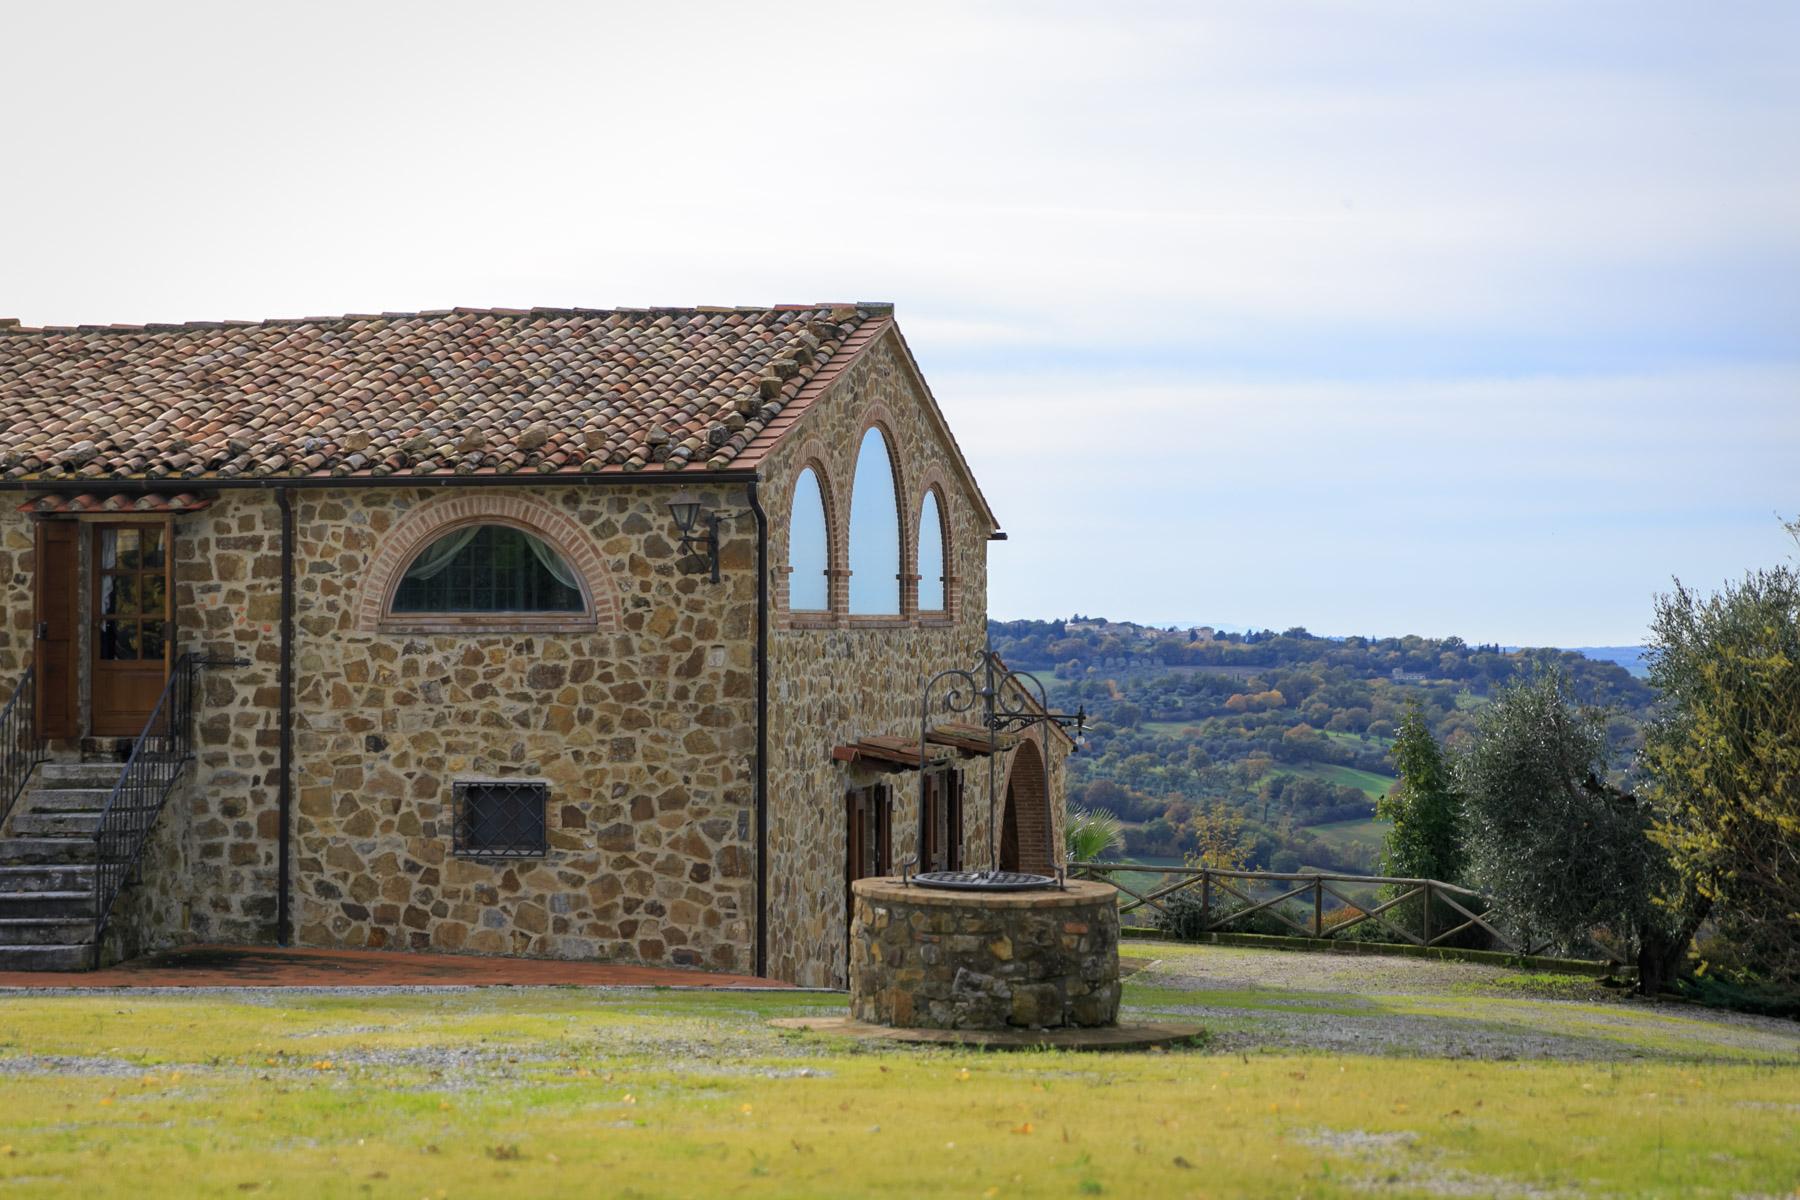 Rustico in Vendita a Manciano: 5 locali, 500 mq - Foto 8